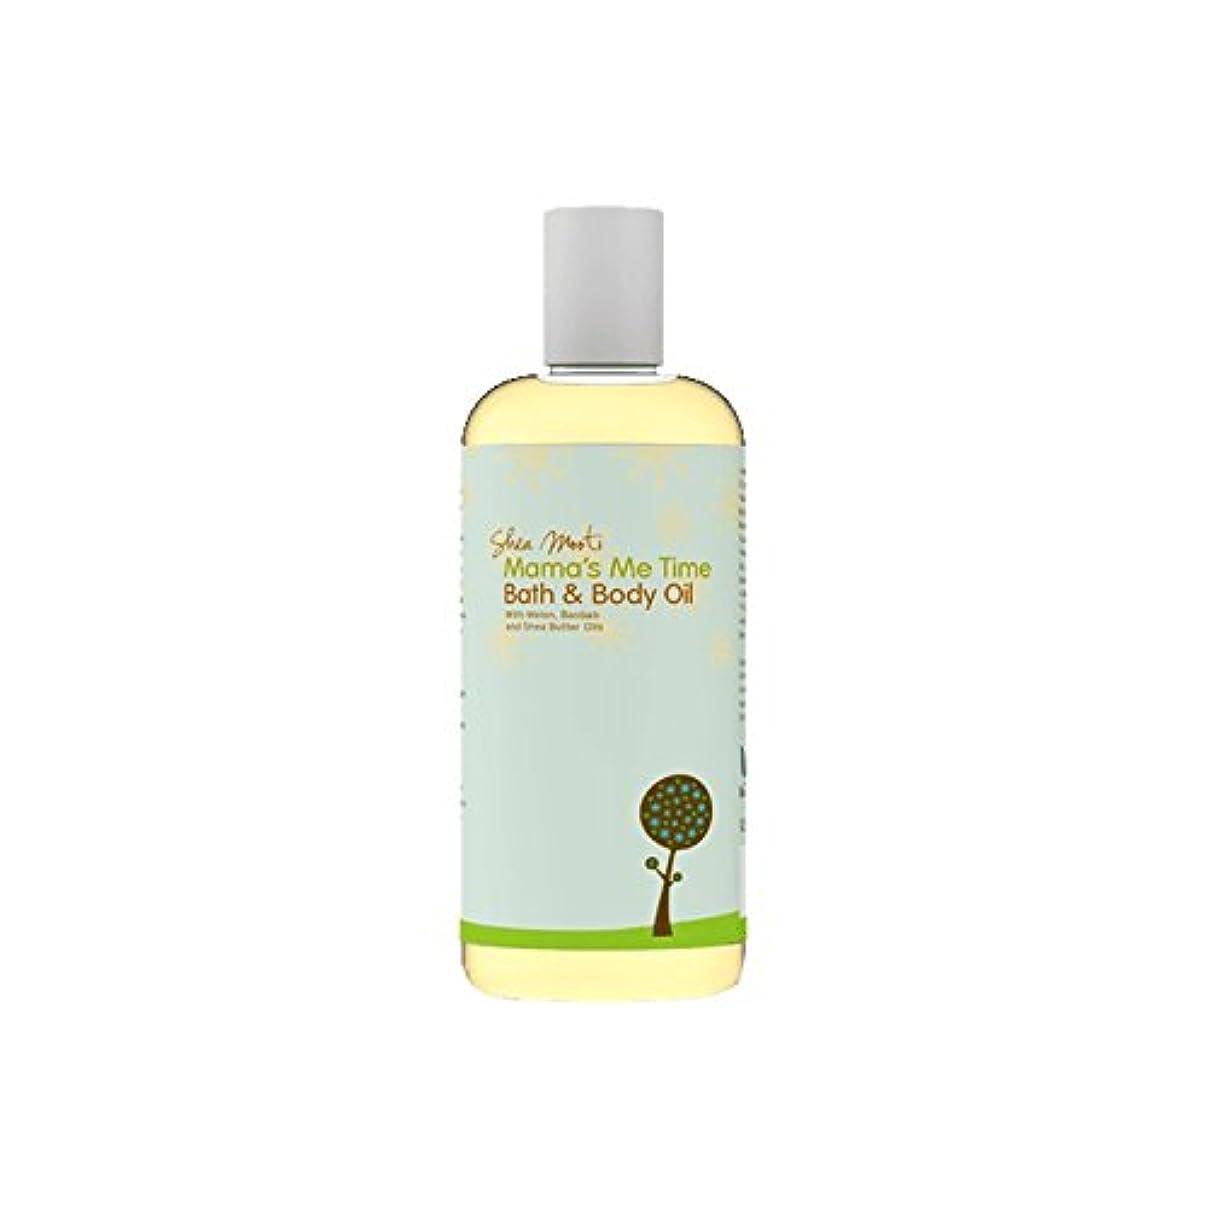 ブラインドリスナー哲学的Shea Mooti Mama's Me Time Bath and Body Oil 110g (Pack of 2) - シアバターMootiママの私の時間のバス、ボディオイル110グラム (x2) [並行輸入品]